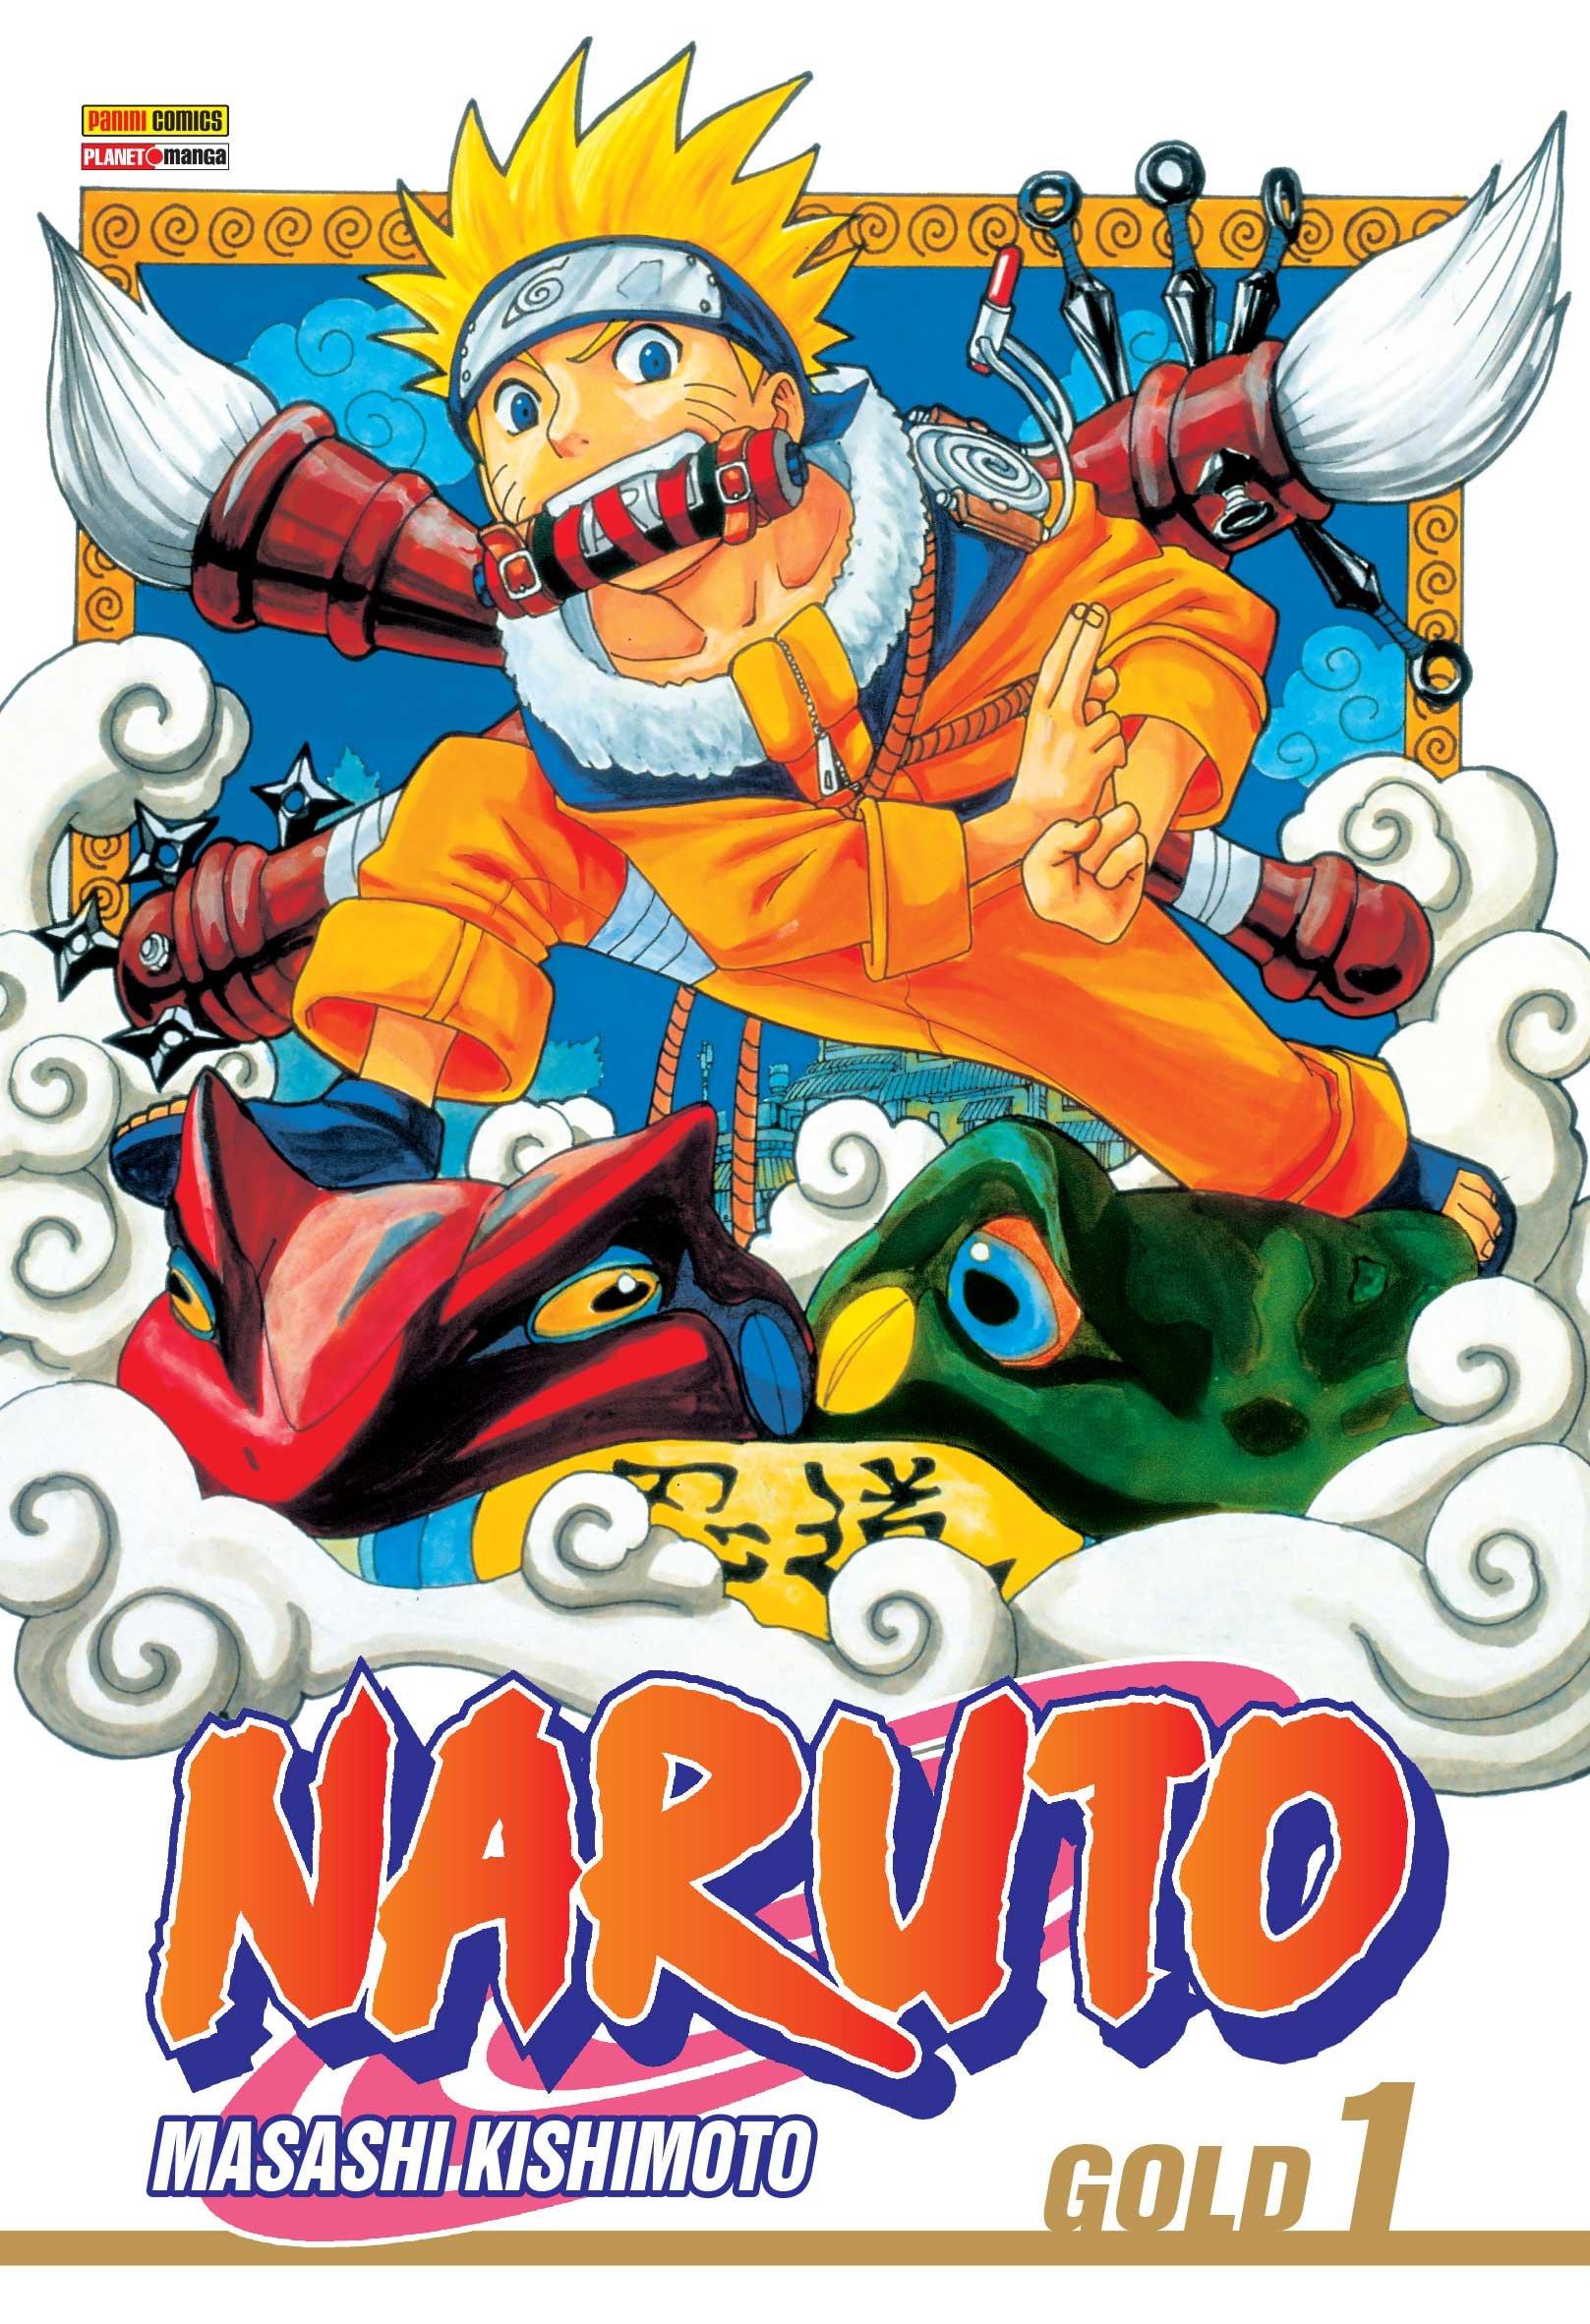 Mangá de Naruto será lançado em formato digital no Brasil